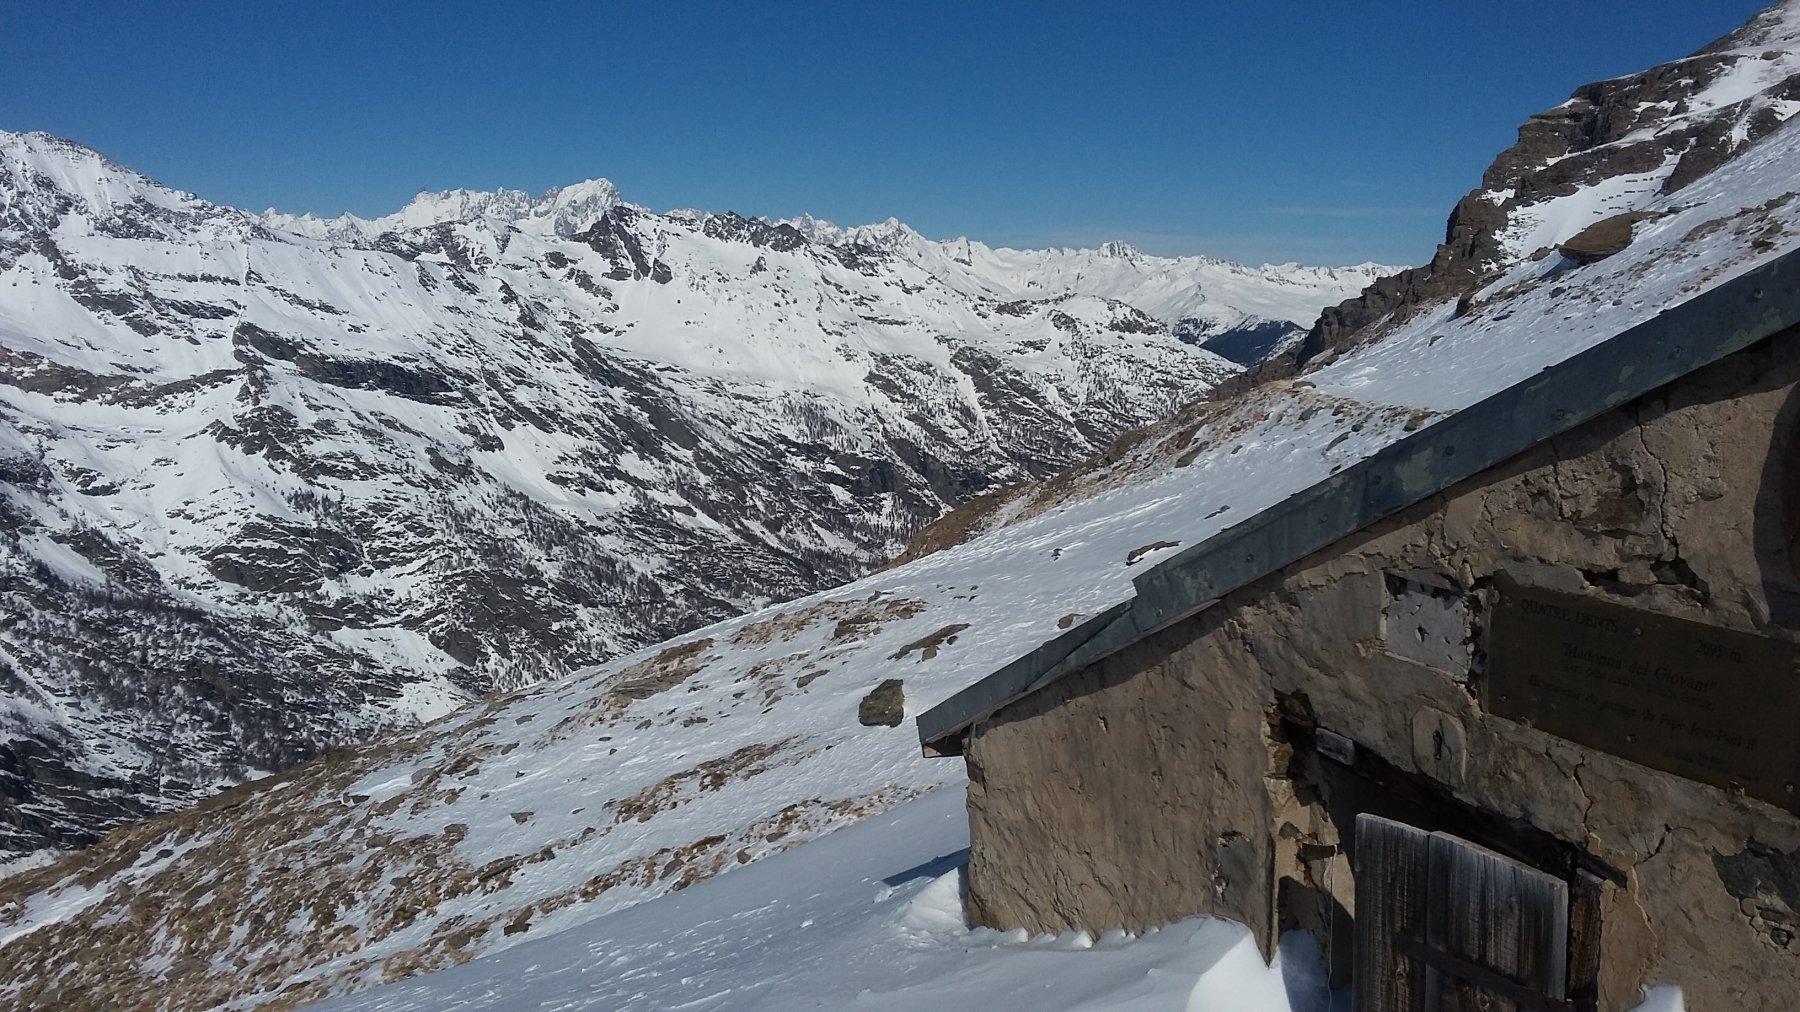 colle 2965 m e bivacco Quatre Dents